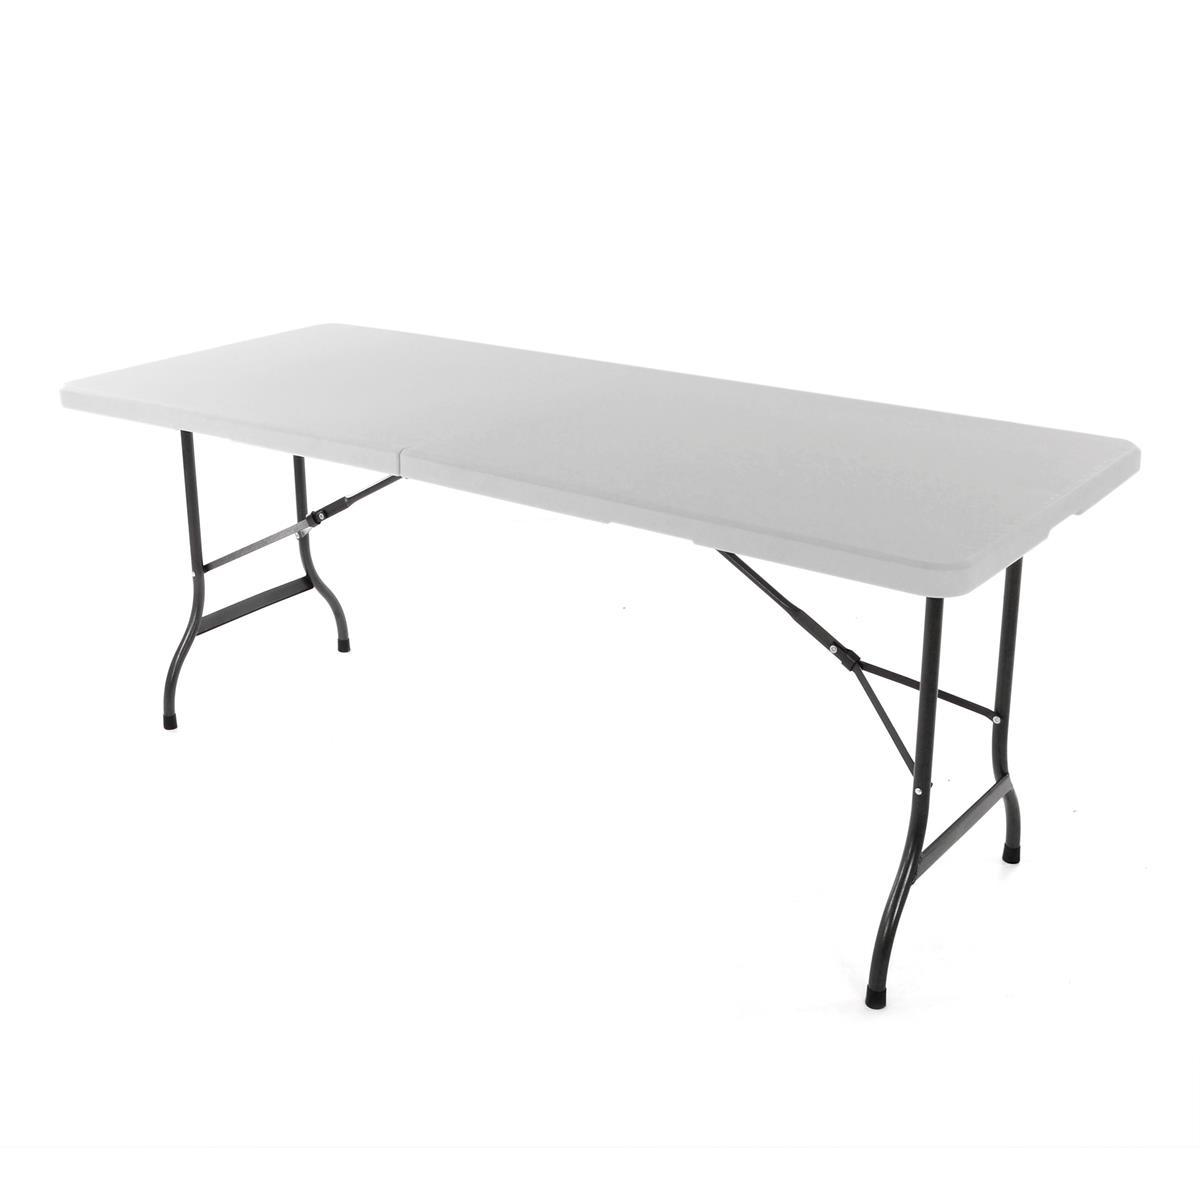 Klapptisch Campingtisch 180 cm Partytisch Catering Gartentisch Koffertisch weiß